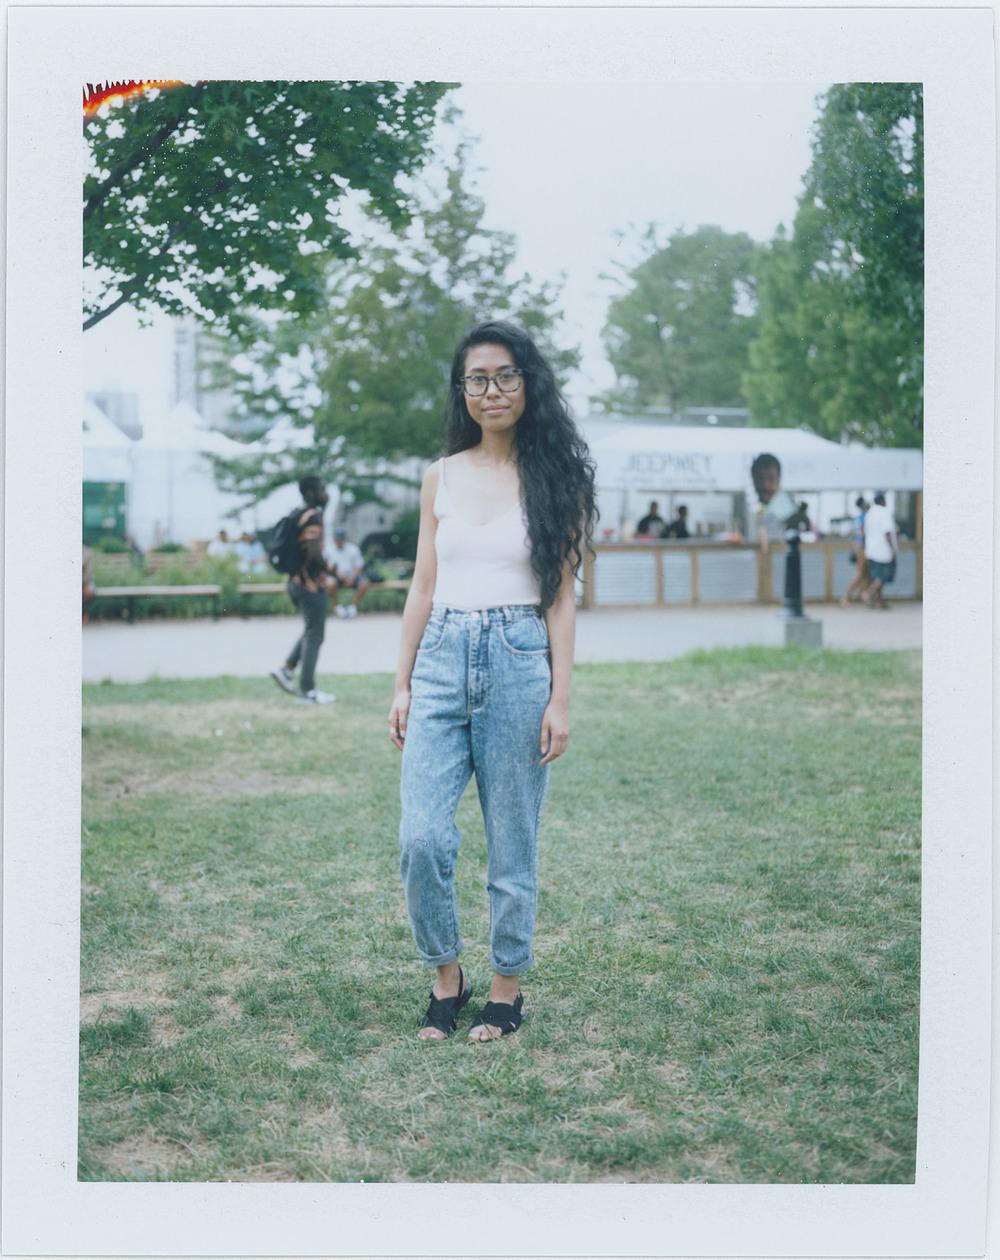 Melissa de la Cruz Araujo,  AfroPunk Festival 2015 NYC Yahoo Style